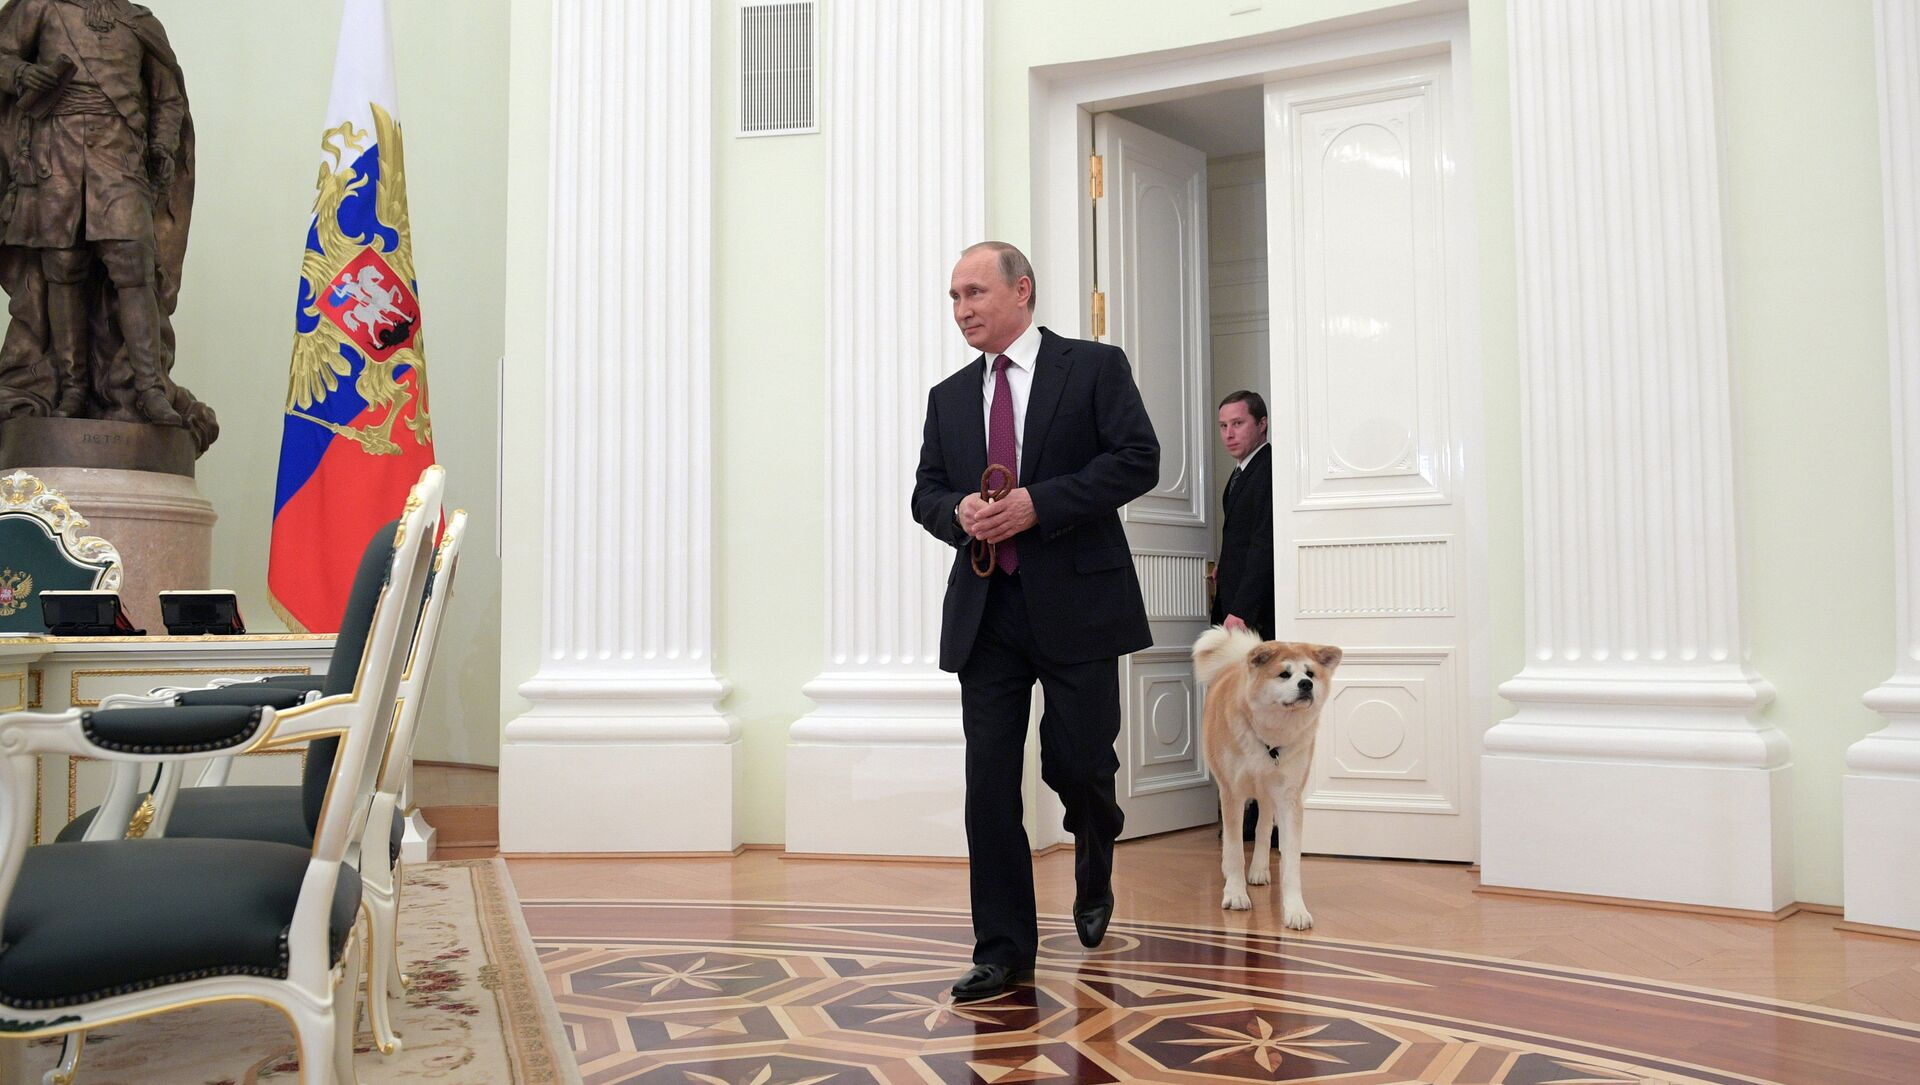 Президент РФ Владимир Путин с собакой Юмэ породы акита-ину перед началом интервью в Кремле  - Sputnik Беларусь, 1920, 24.04.2021